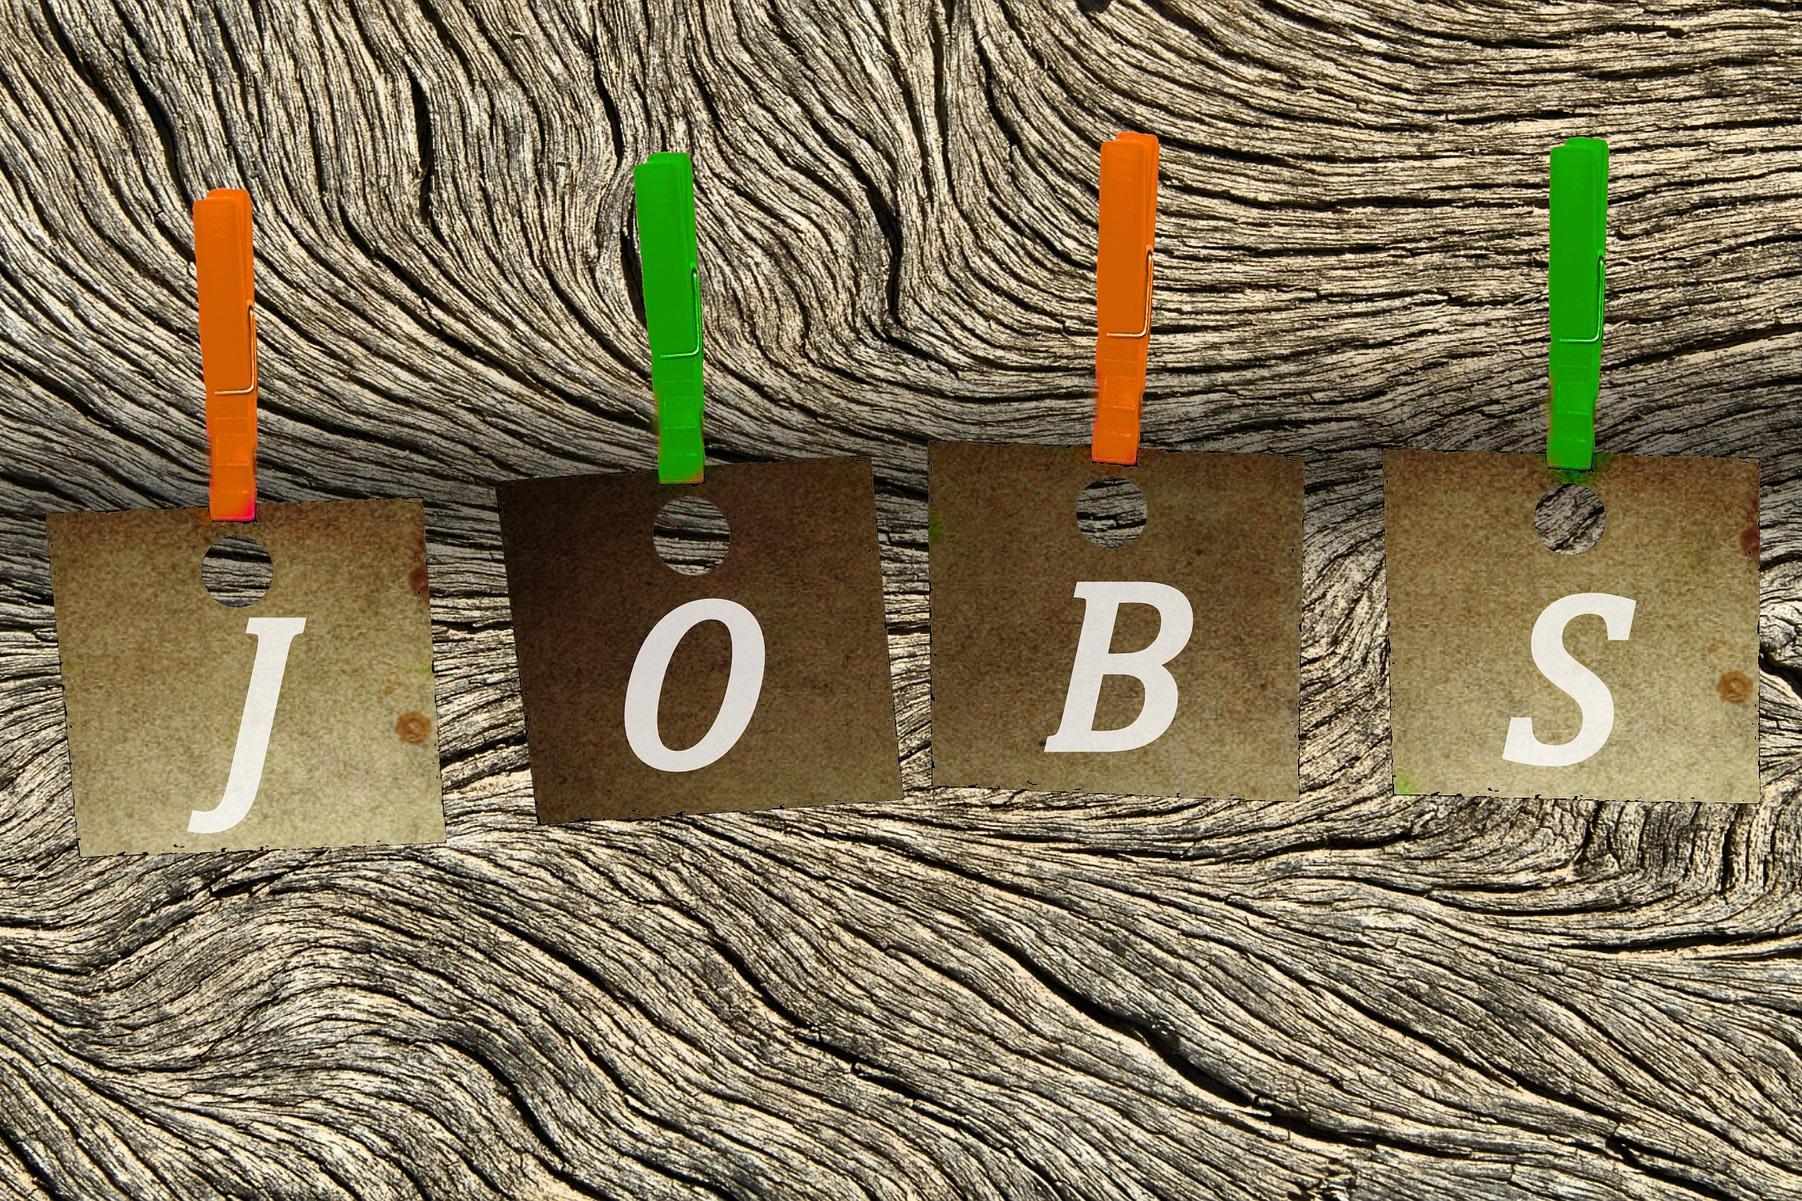 Bild Jobangebote, Quelle: Bild von kalhh auf Pixabay